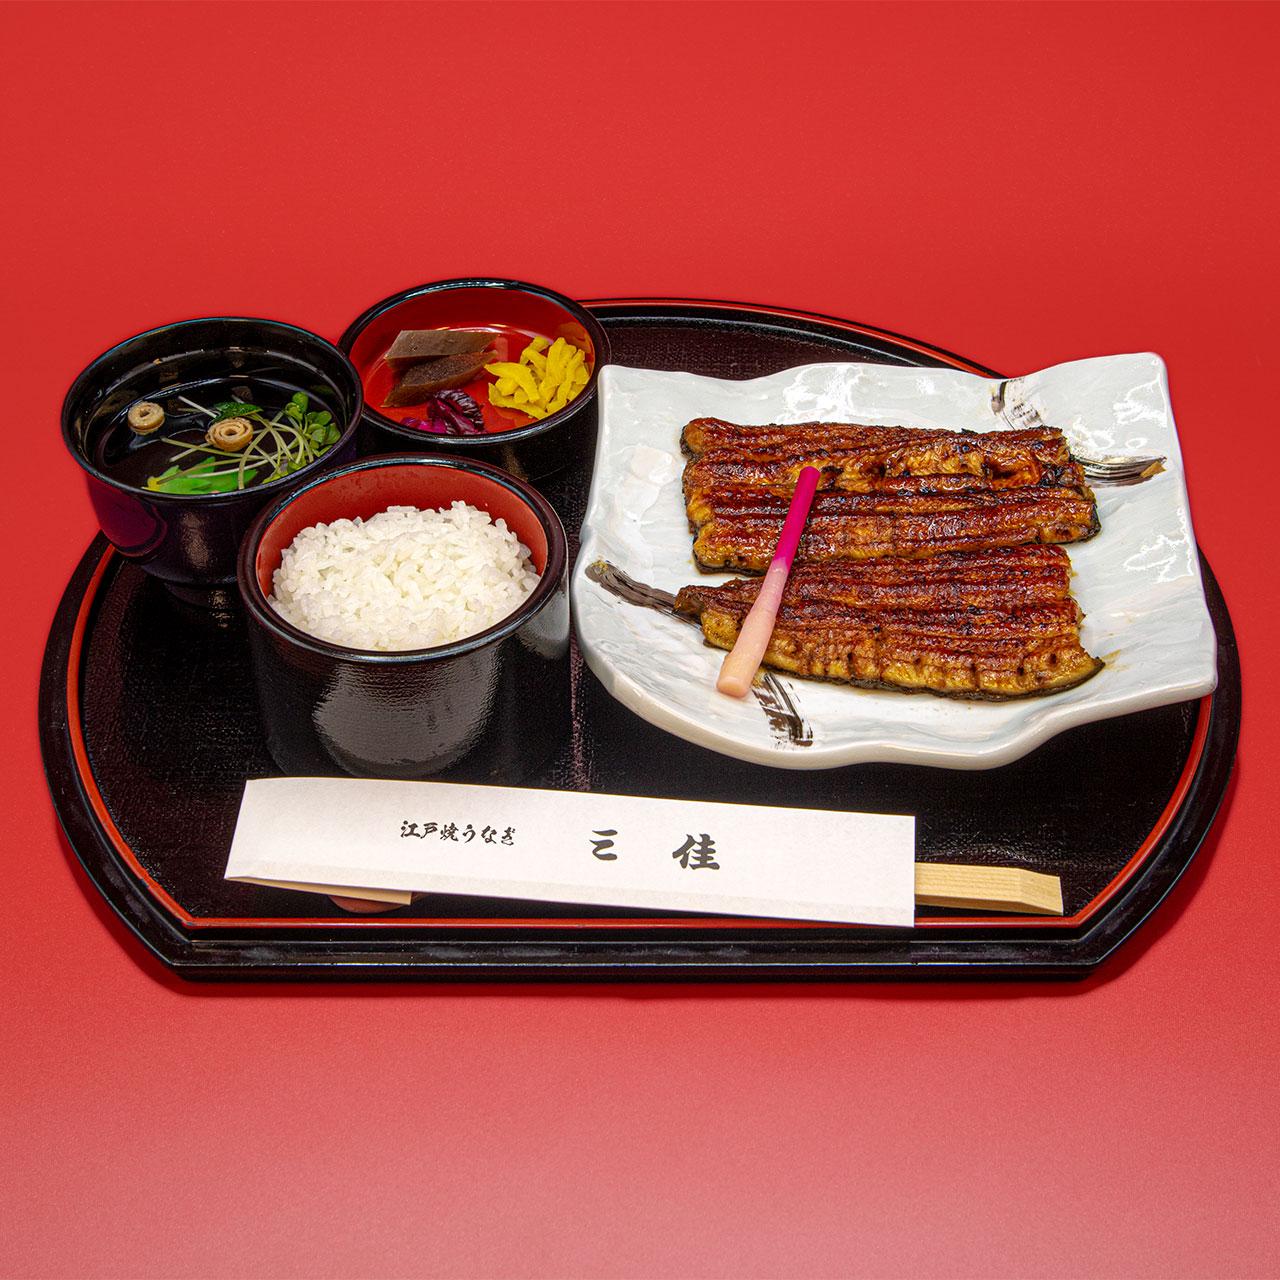 かば焼フルサイズ(ご飯・きも吸付)4,600円